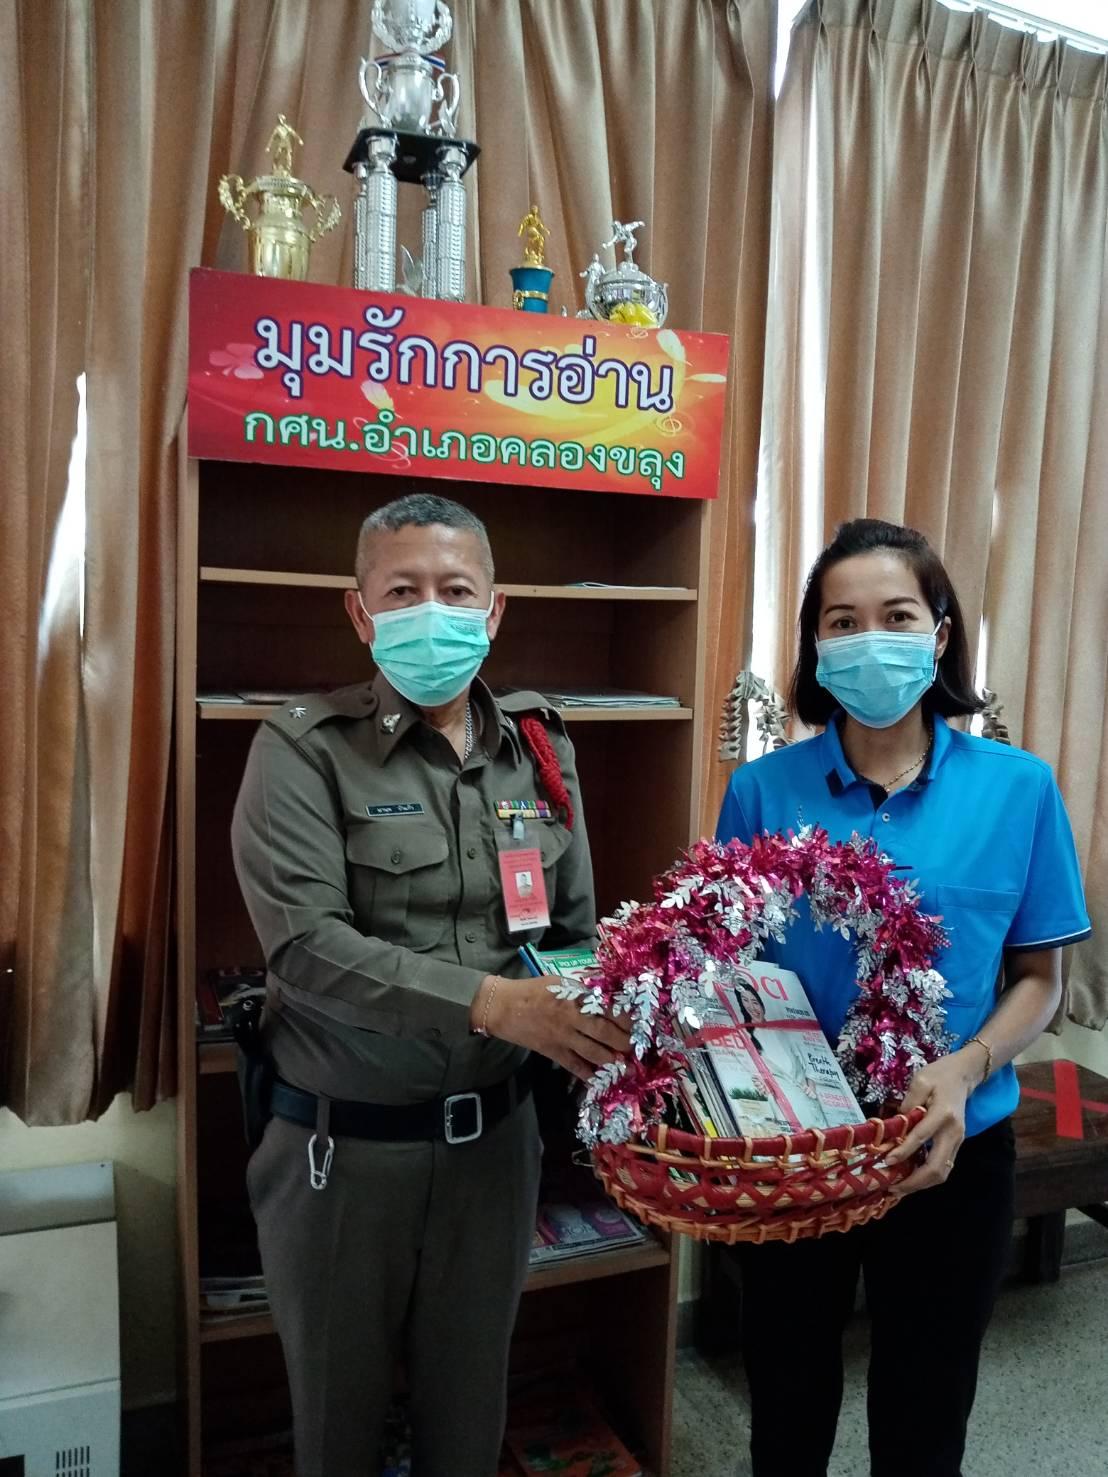 กิจกรรมส่งเสริมการอ่าน หมุนเวียนสื่อ มุมรักการอ่าน สถานีตำรวจภูธรอำเภอคลองขลุง